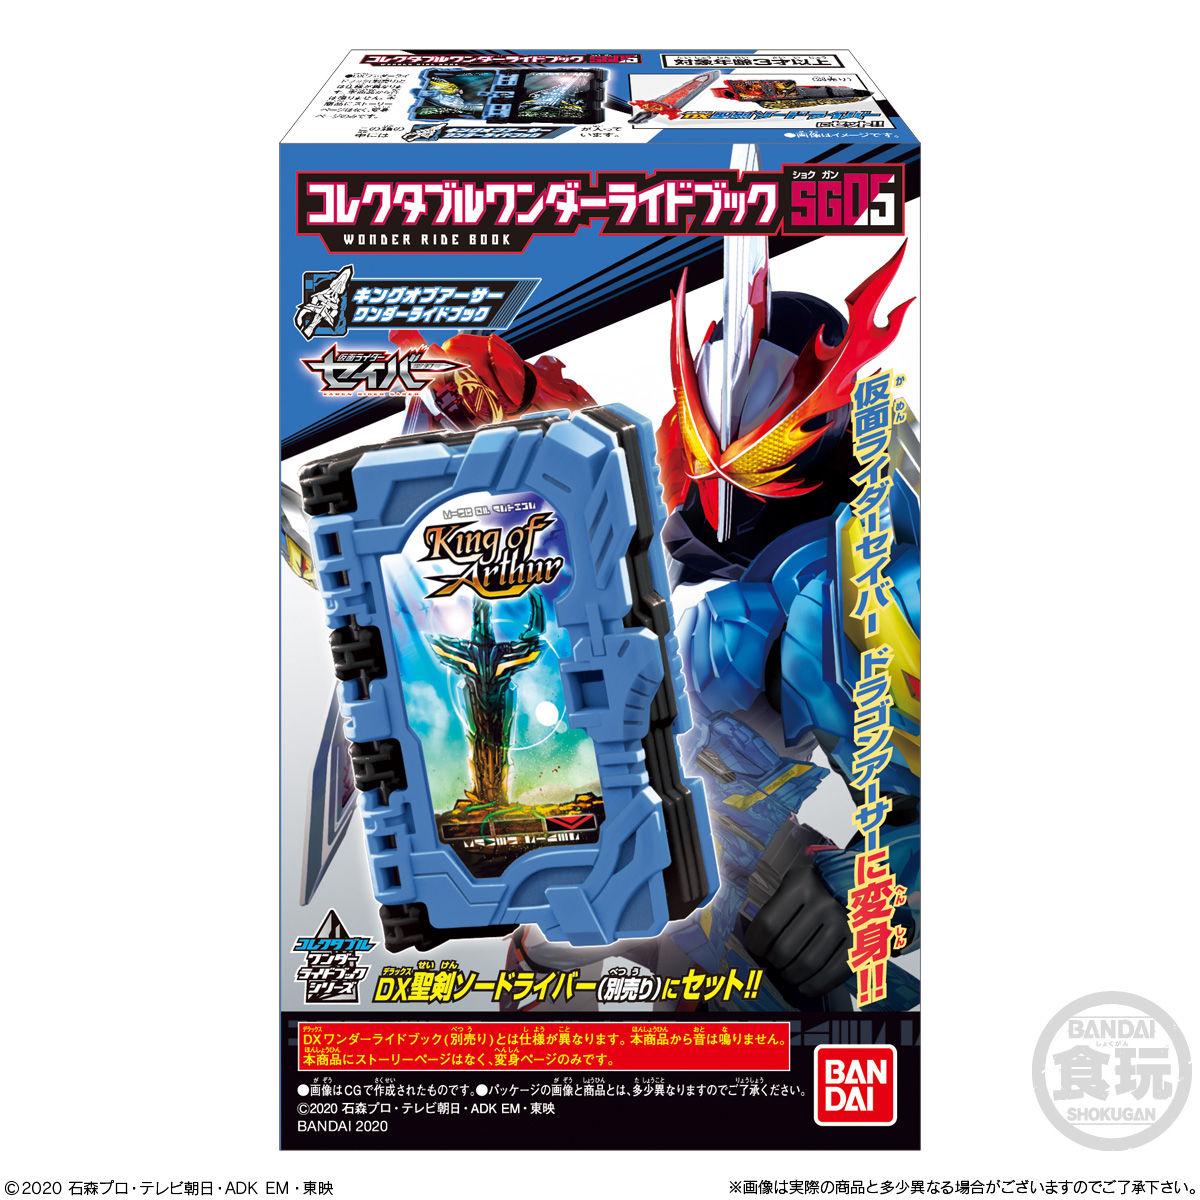 【食玩】仮面ライダーセイバー『コレクタブルワンダーライドブック SG05』8個入りBOX-009